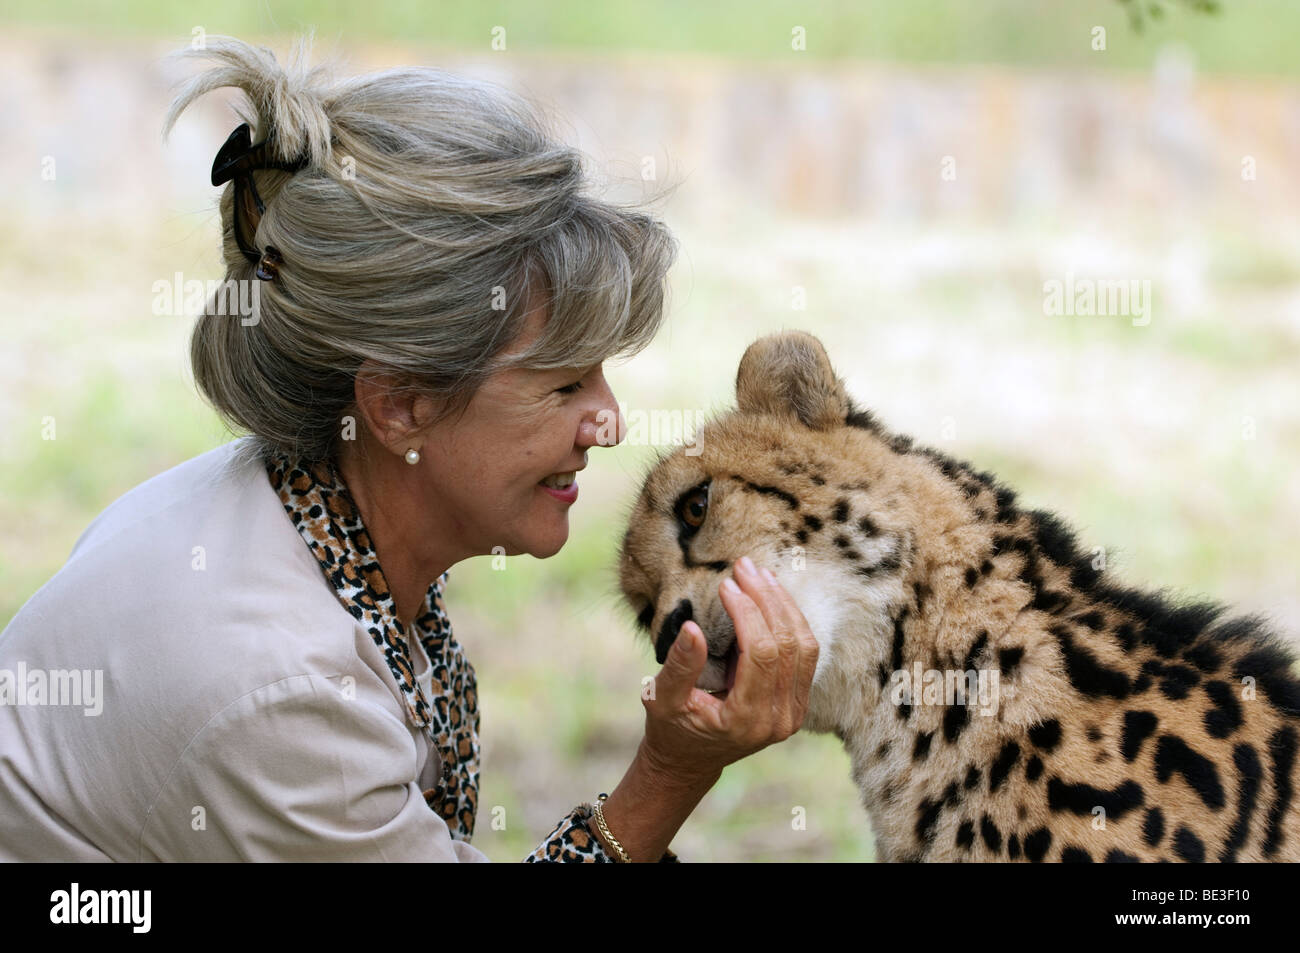 Roode lente con un rey guepardo (Acinonyx jubatus), especies en peligro de extinción, Centro Hoedspruit Kapama, Imagen De Stock